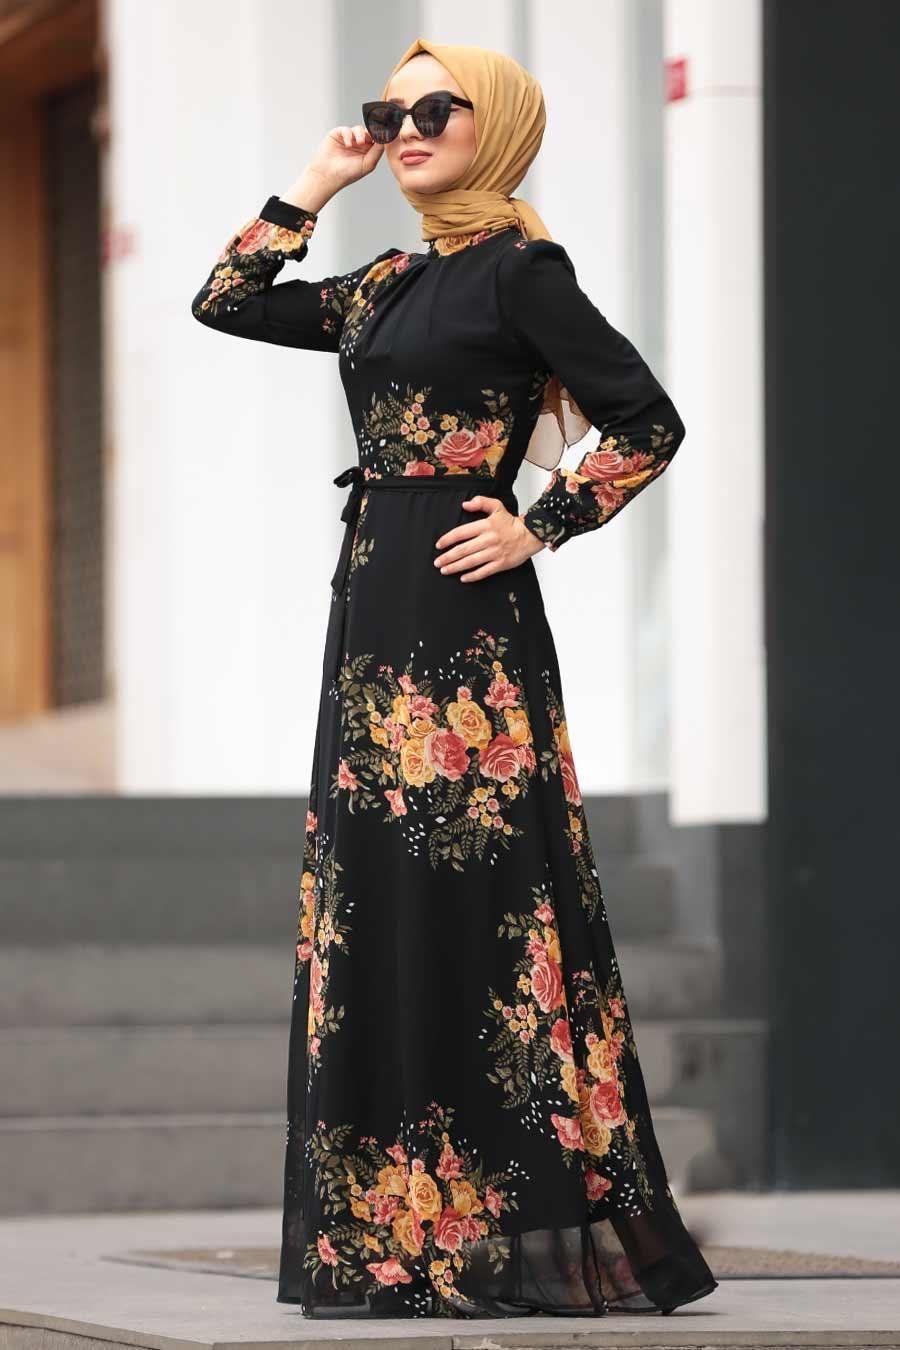 Nayla Collection Cicek Desenli Tesettur Elbise 815235dsn Tesetturisland Com Elbise Modelleri Elbise Moda Stilleri